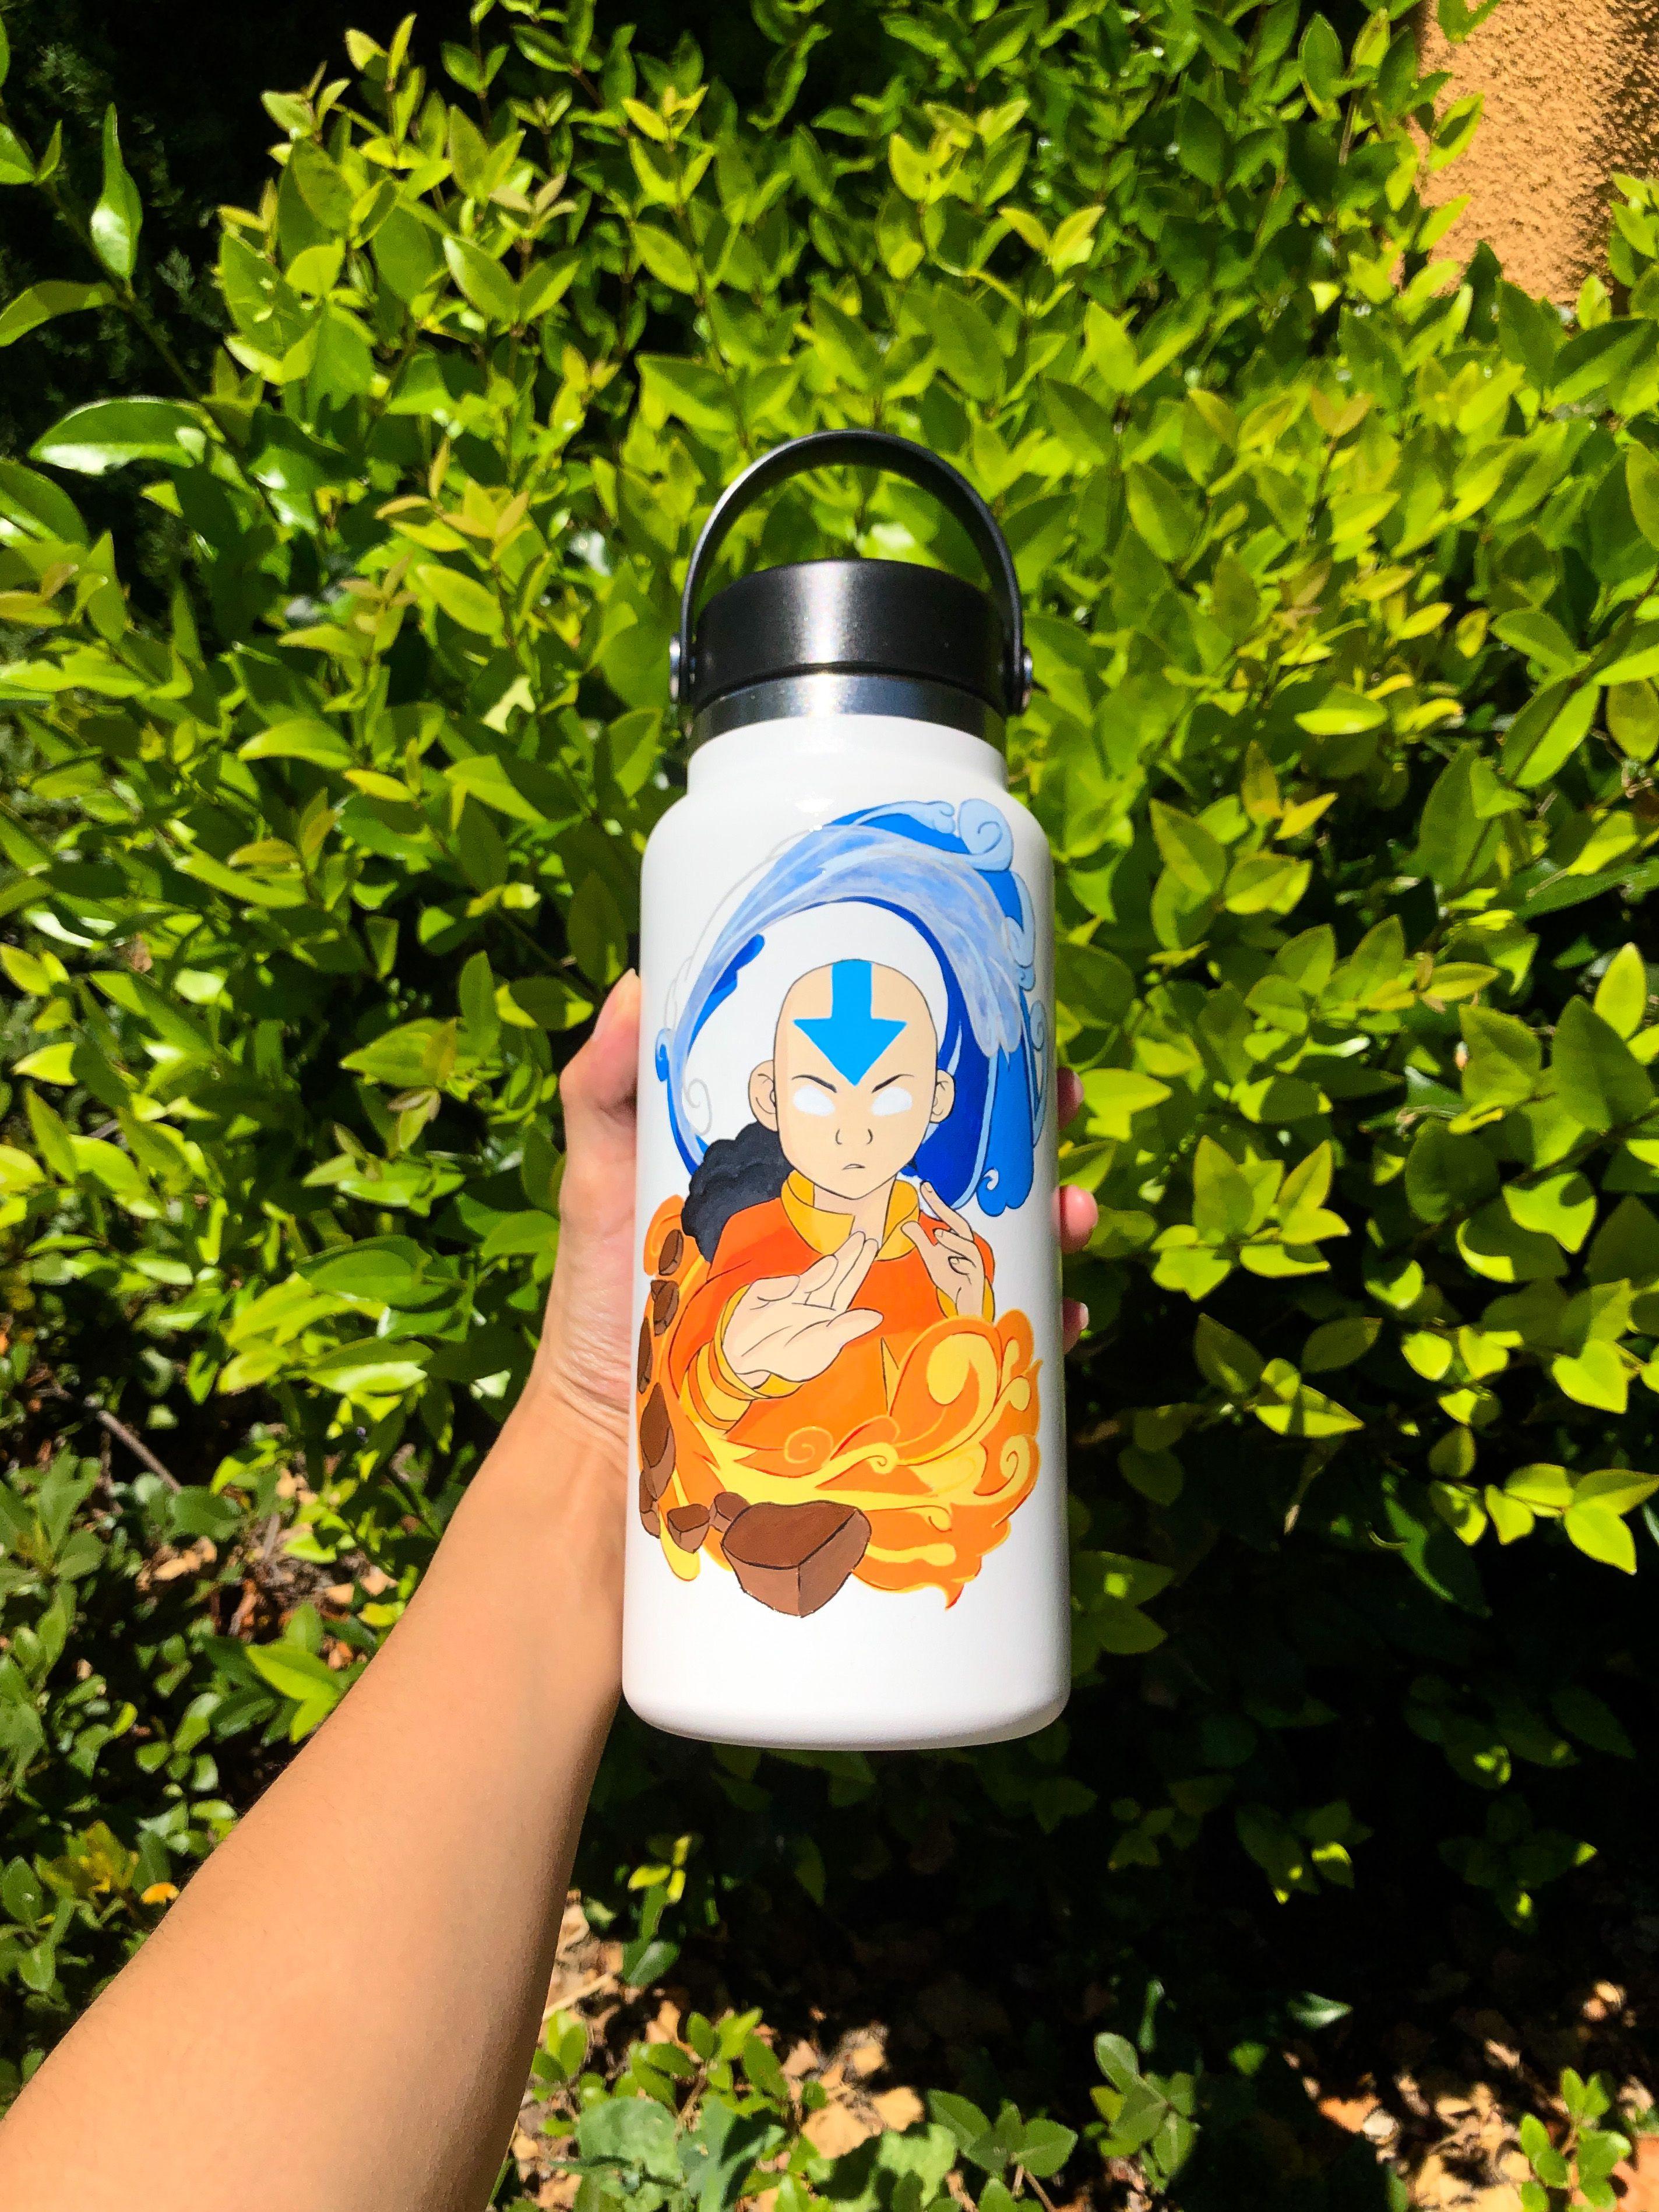 Avatar The Last Airbender Custom Painted Hydroflask Avatar Avatar The Last Airbender Funny Avatar The Last Airbender